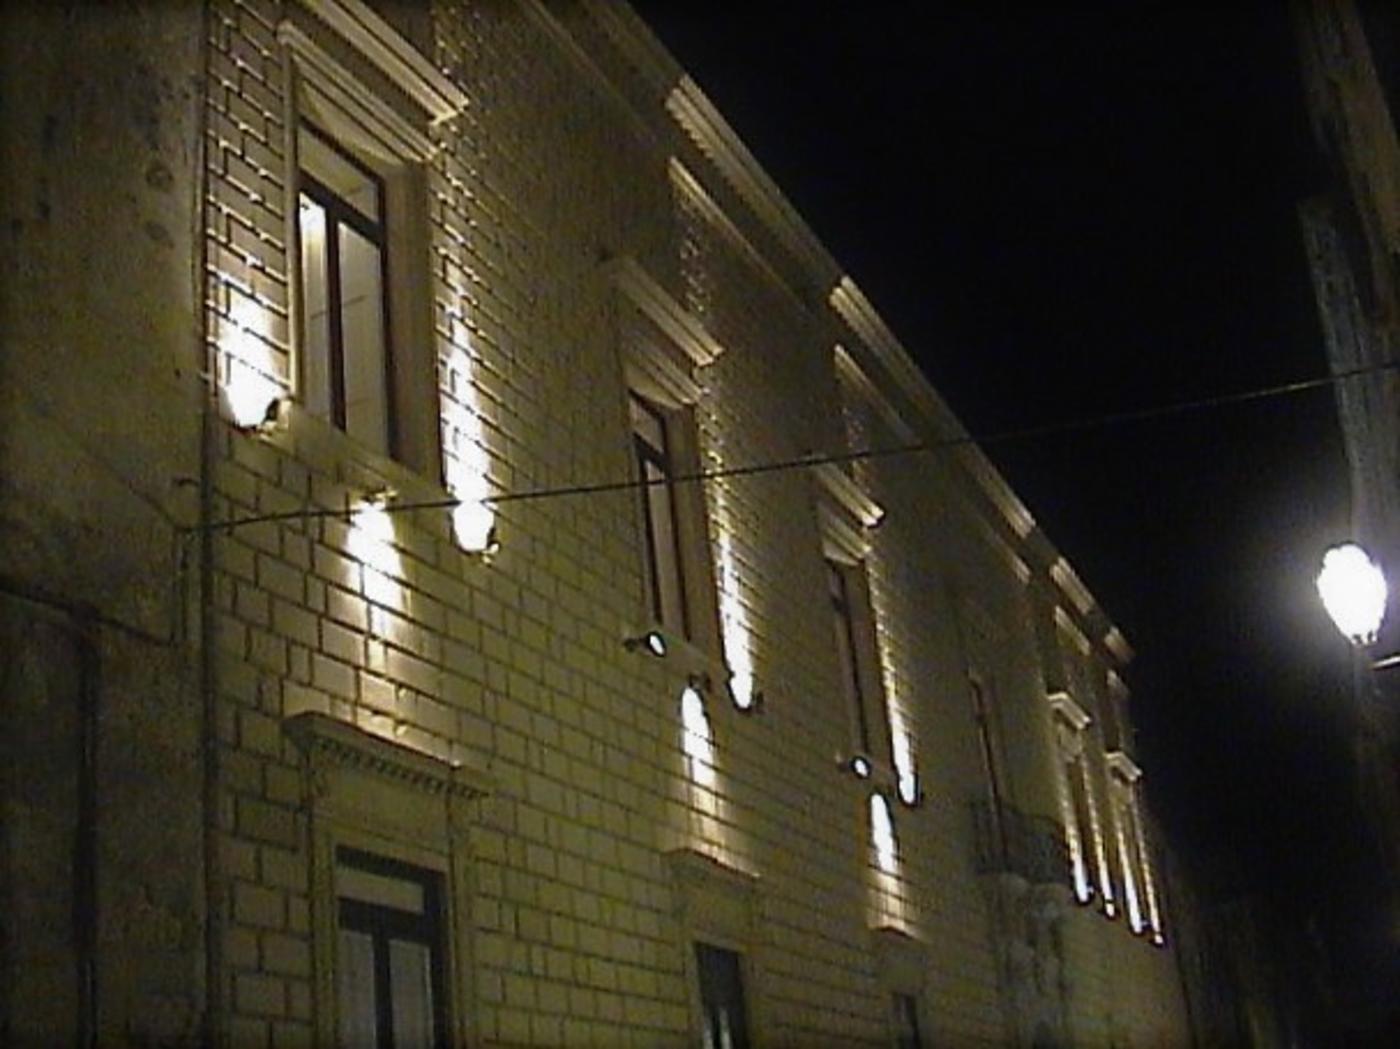 Vendita lampade e lampadari online per interni ed esterni idea luce